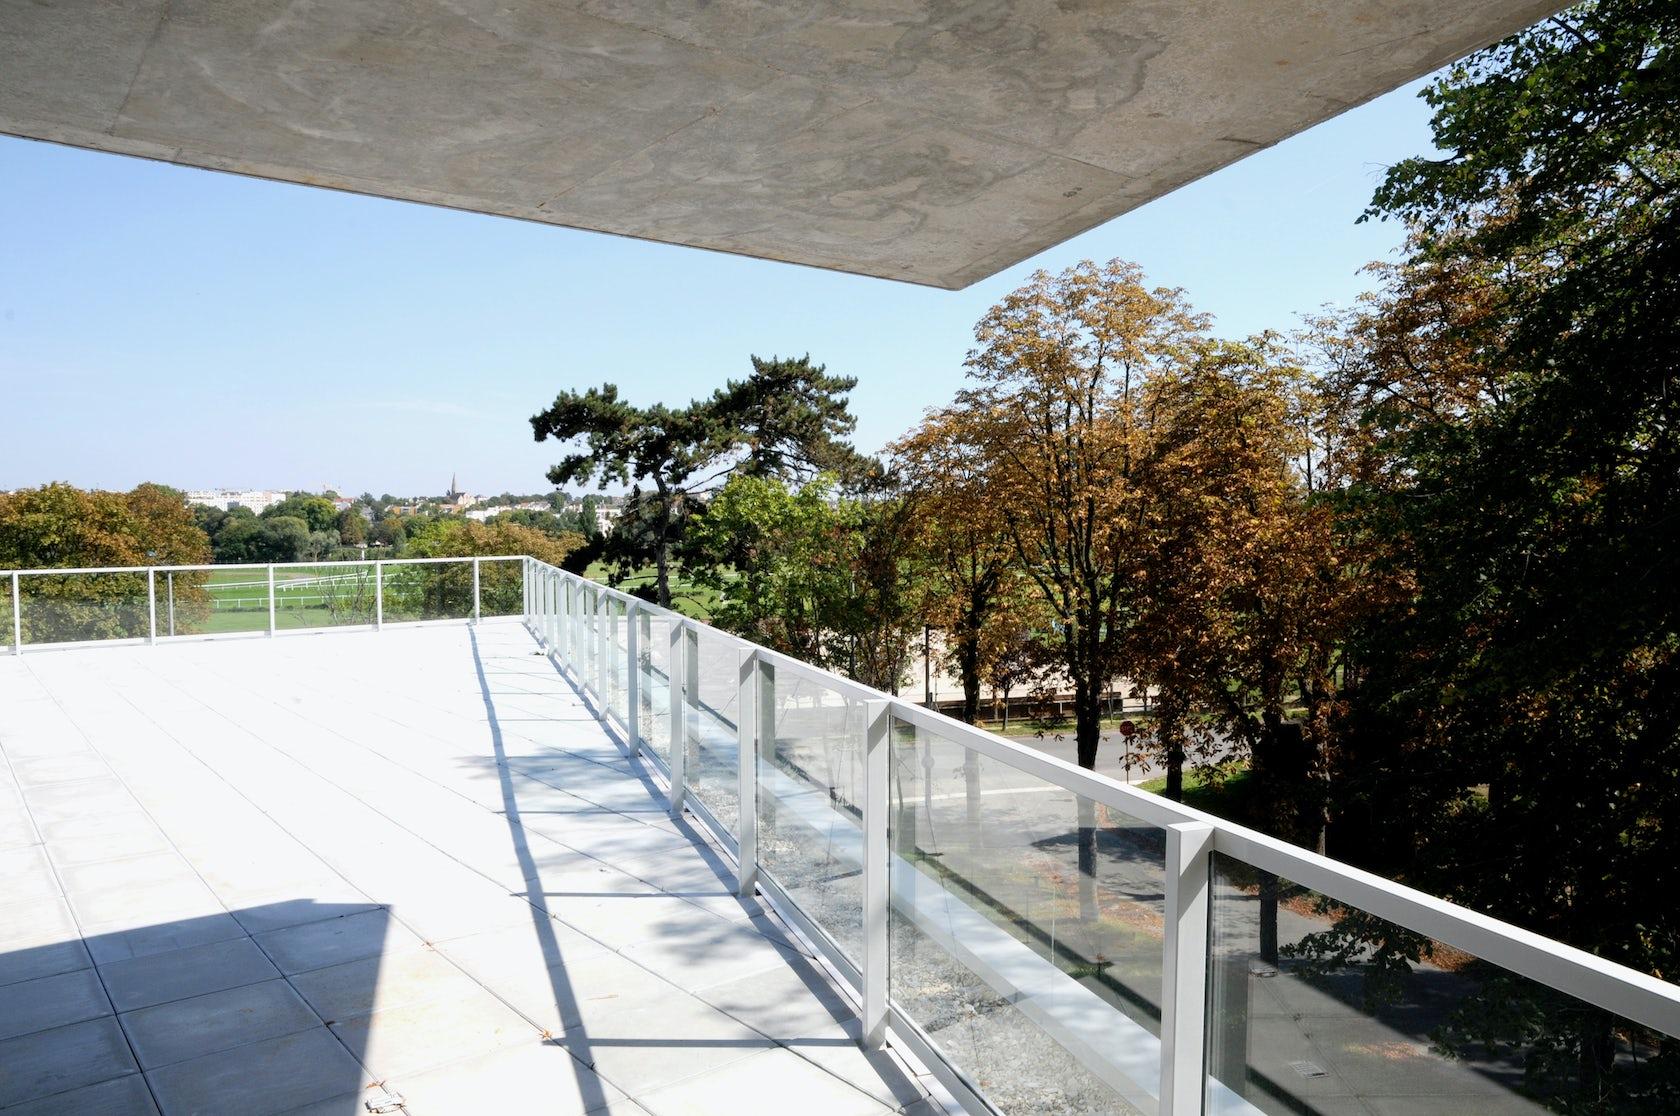 Retirement home maisons laffitte architizer for Architecte maisons laffitte